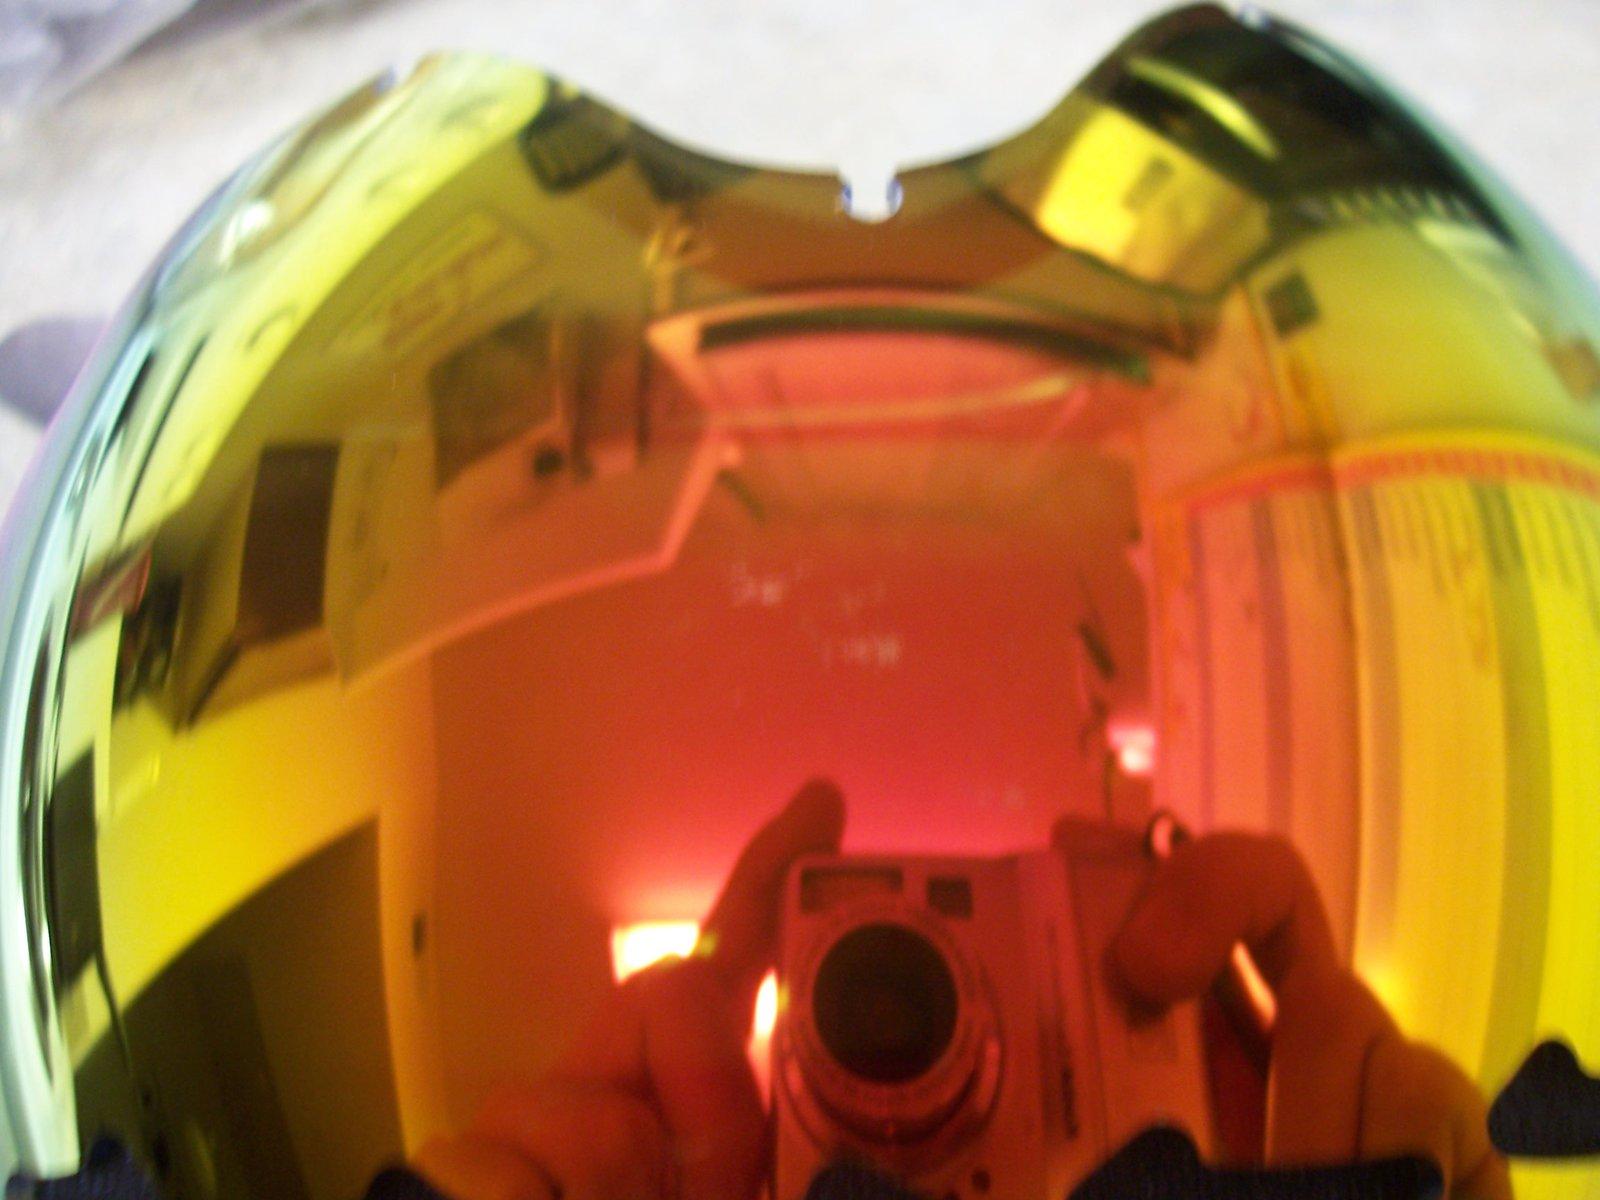 Cbar fire lens